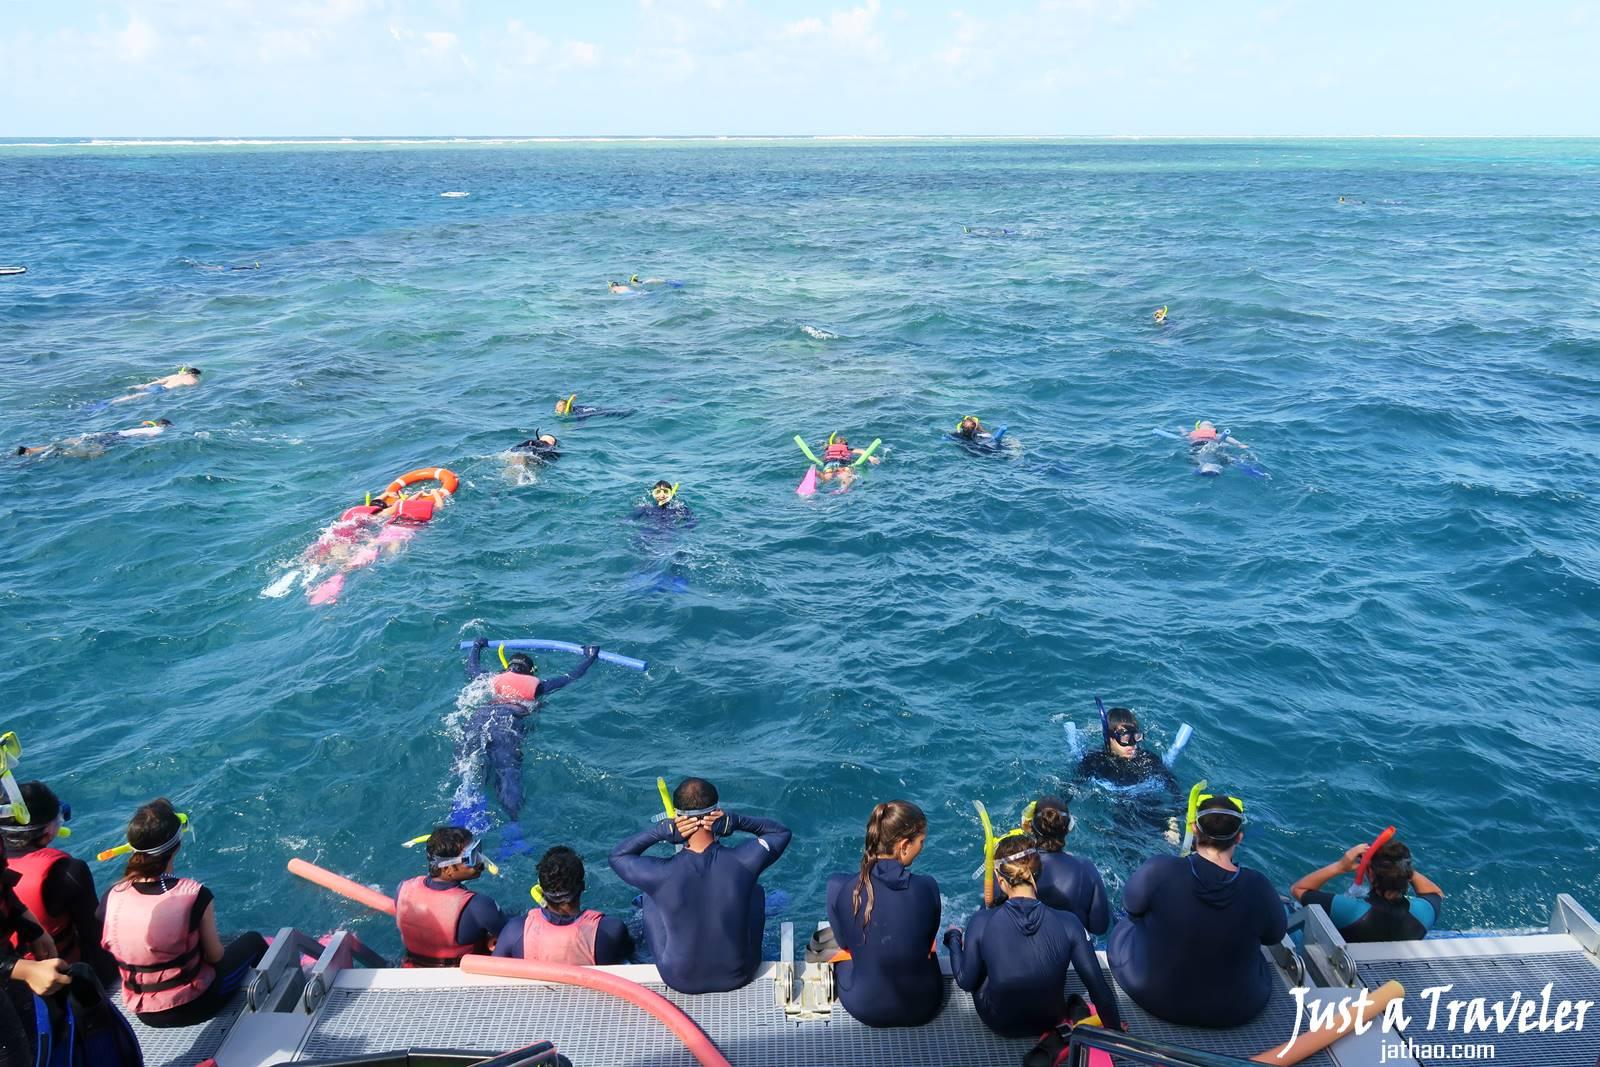 凱恩斯-大堡礁-外堡礁-推薦-公司-旅遊-凱恩斯潛水-凱恩斯浮潛-自由行-澳洲-Cairns-Outer-Great-Barrier-Reef-Snorkel-Diving-Travel-Australia